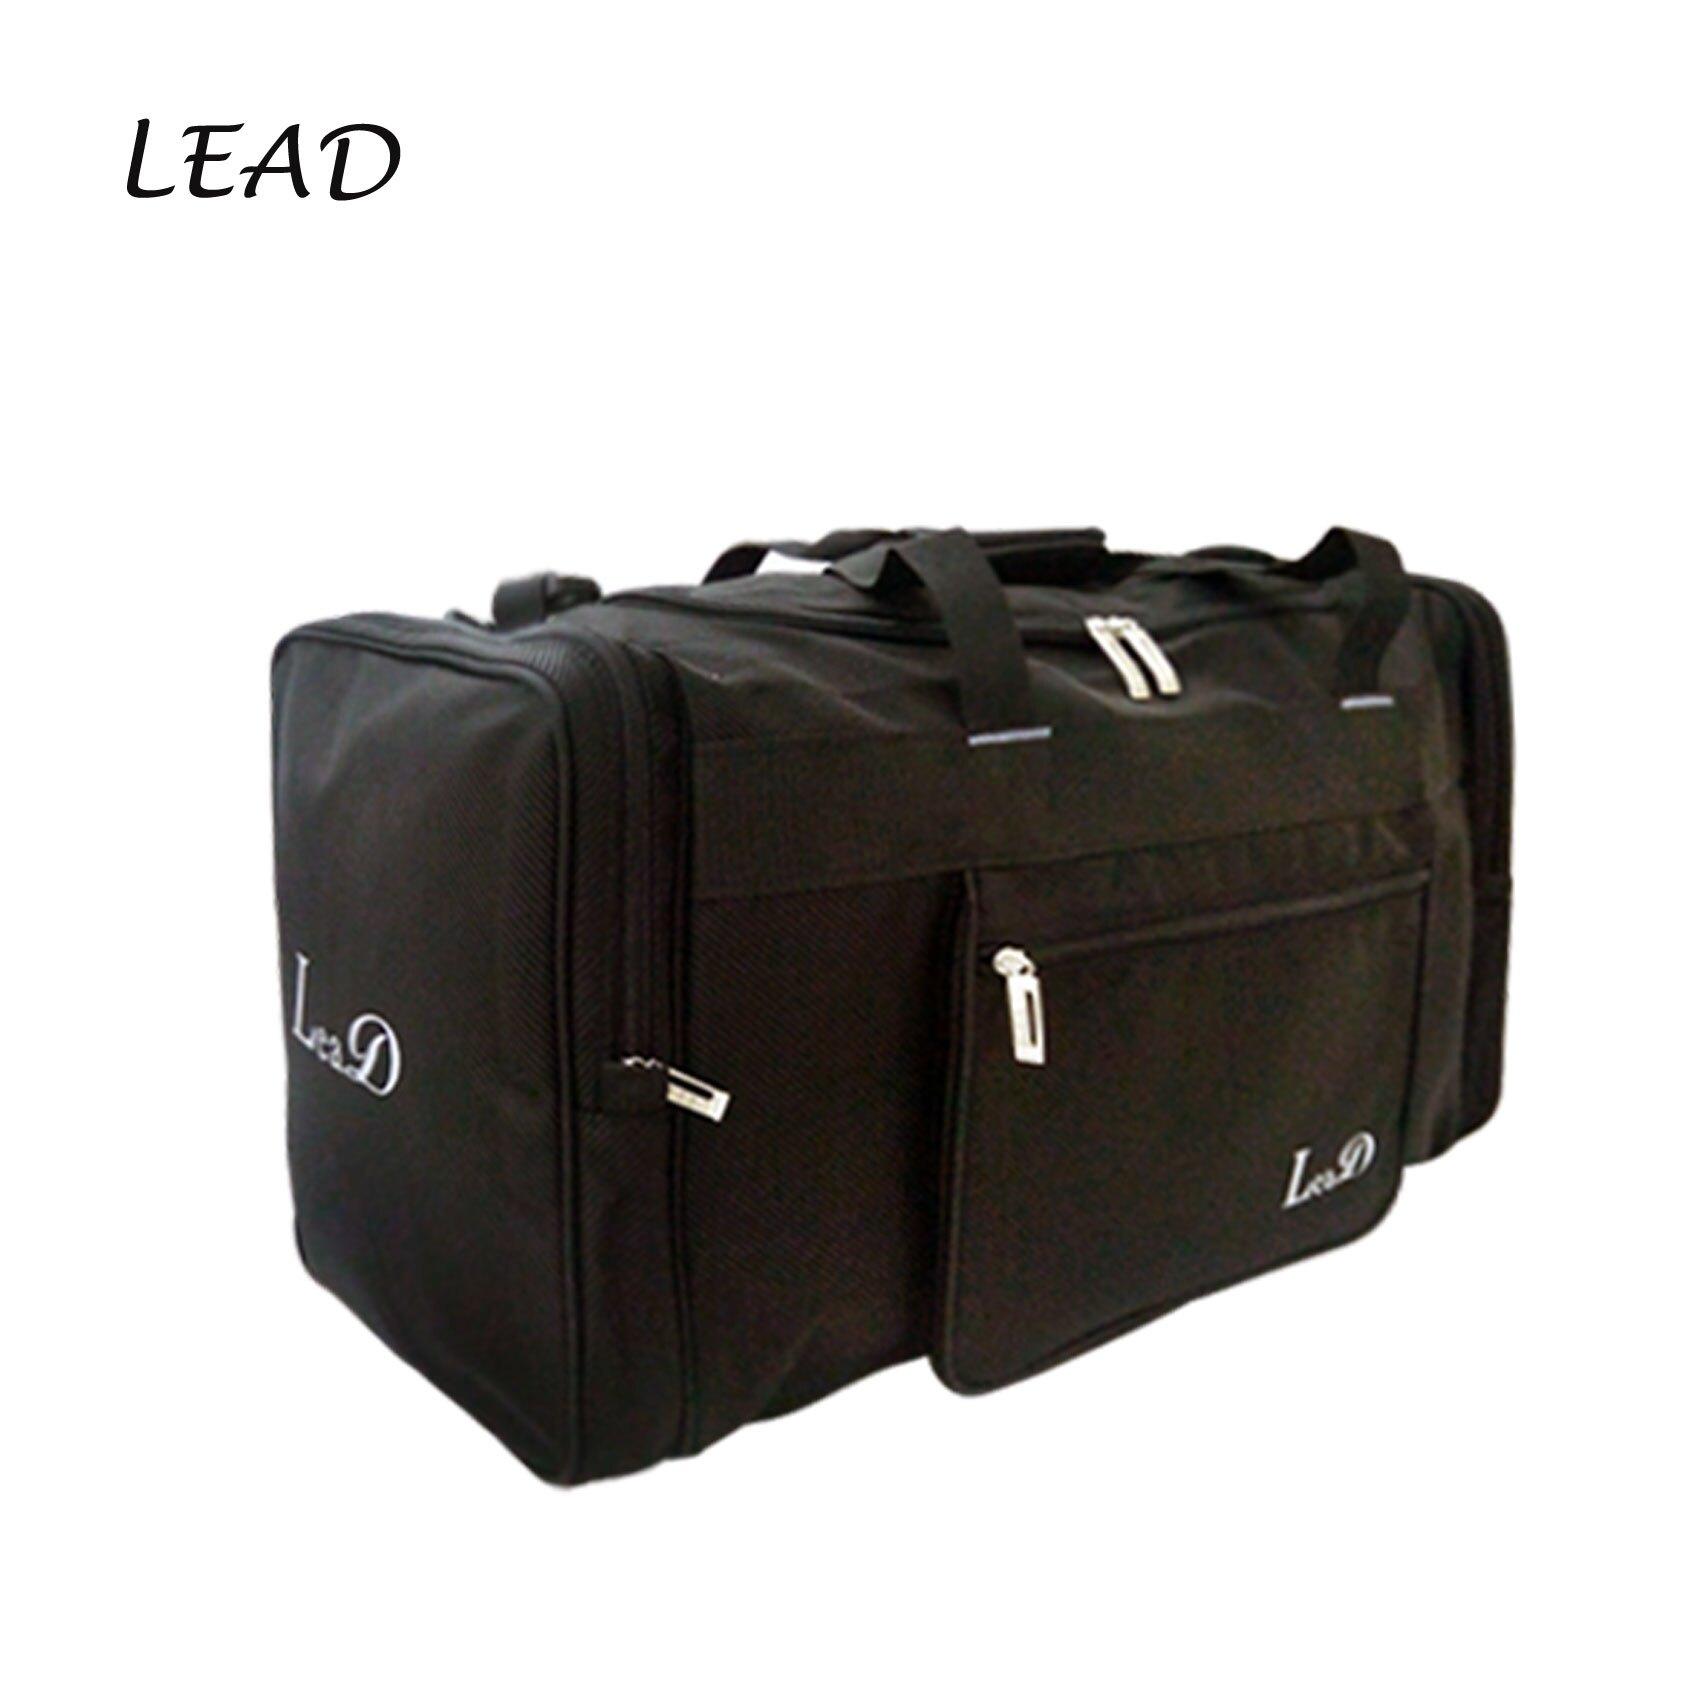 【加賀皮件】LEAD 防潑水 手提/肩背/斜背 收納袋 旅行袋 8822